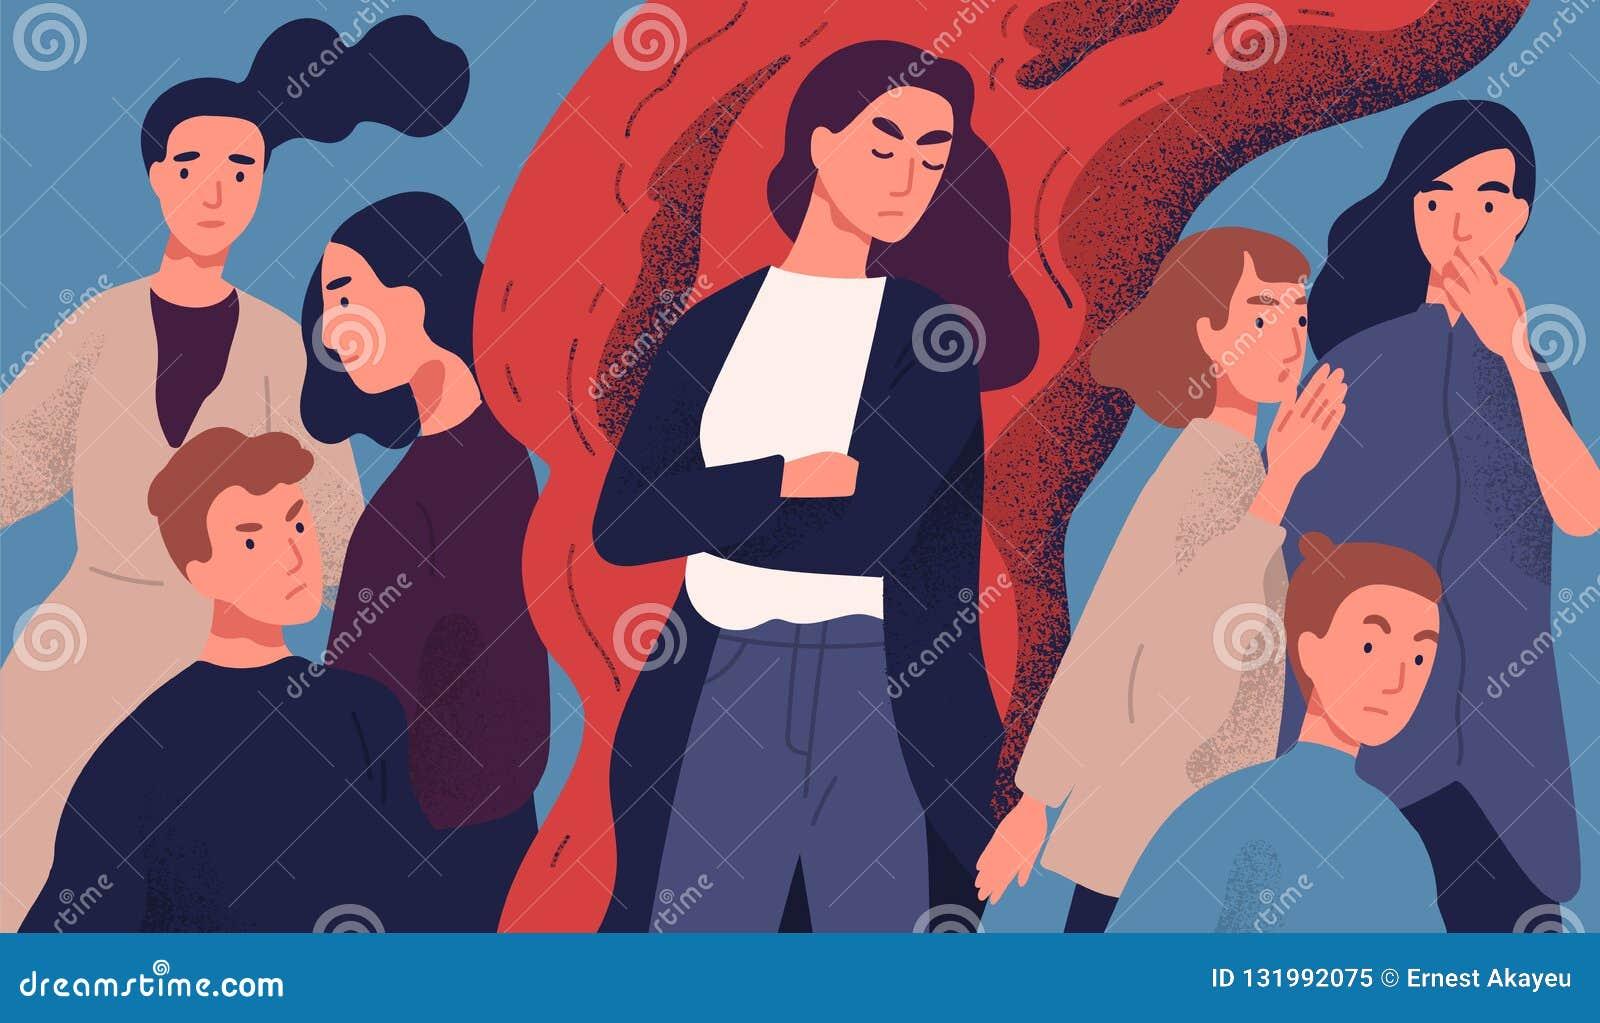 Giovane donna arrabbiata fra la gente non disposta a parlare con lei Concetto del problema di comunicazione con arrogante sgradev